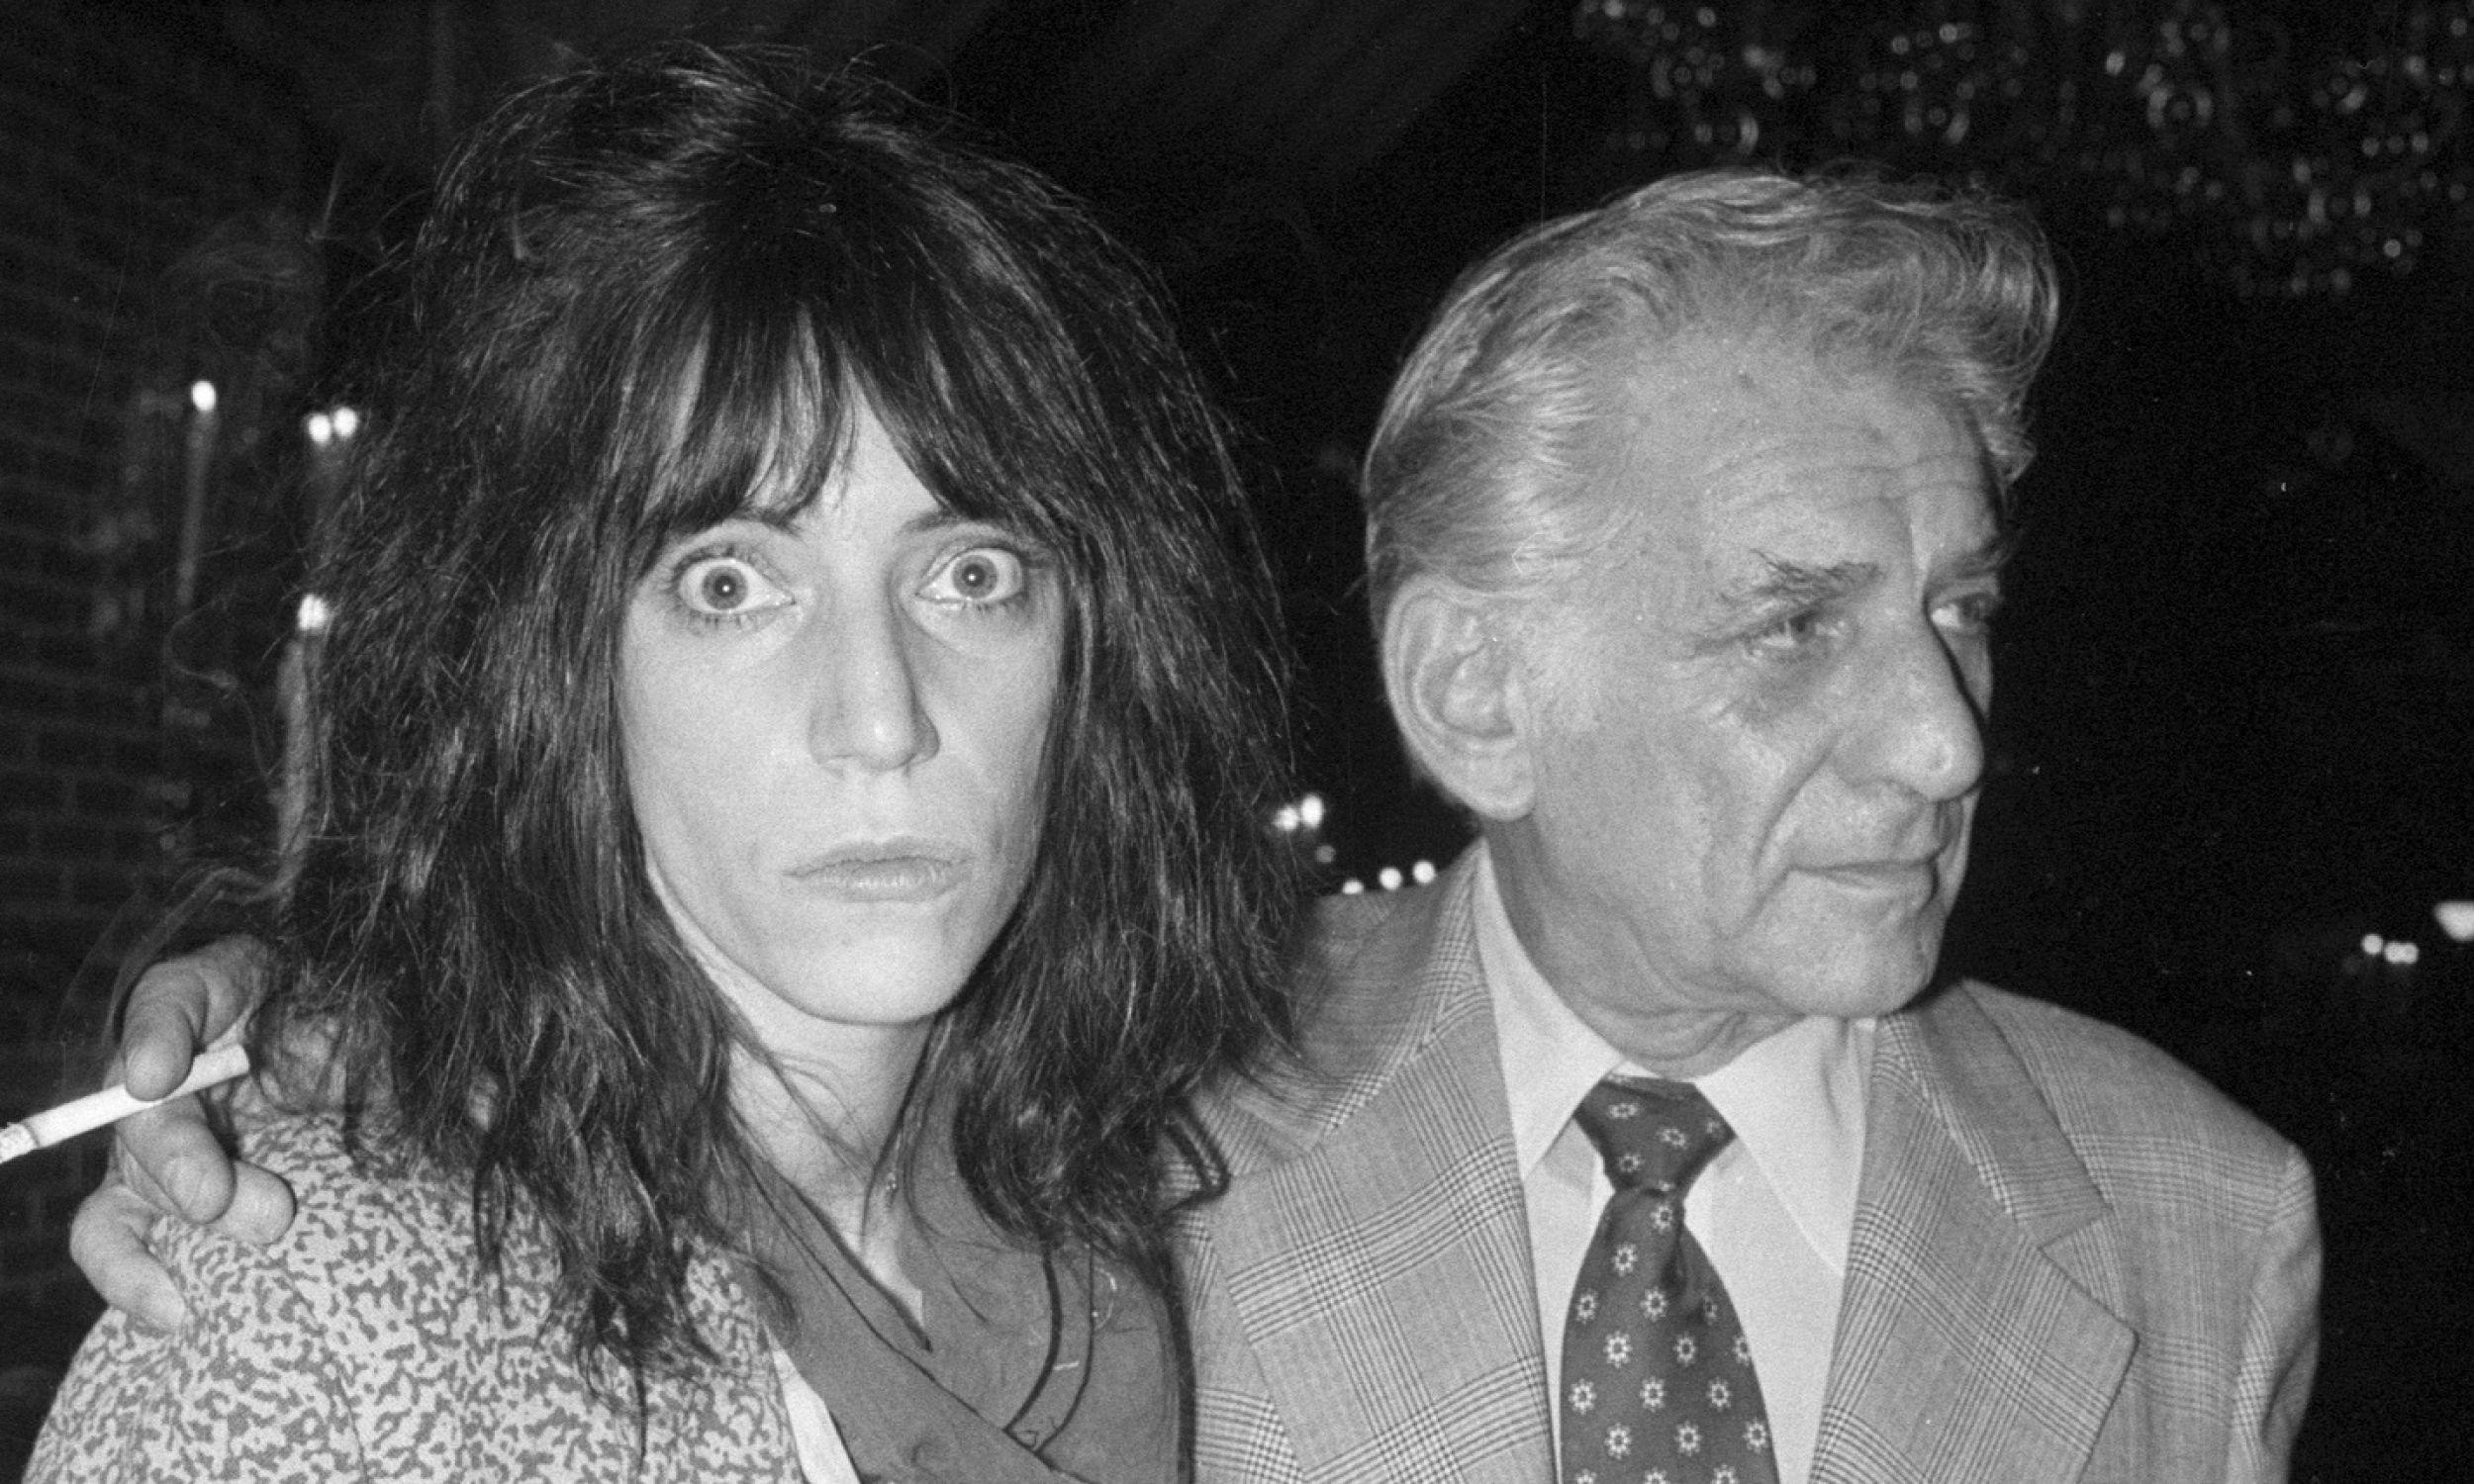 Kompozytor Leonard Bernstein i punkrockowa artystka Patti Smith podczas imprezy wydanej przez Amnesty International w Nowym Jorku 21 listopada 1977 roku. Tego roku Amnesty International, światowa organizacja praw człowieka działająca na rzecz uwolnienia więźniów sumienia i zniesienia tortur, zdobyła Pokojową Nagrodę Nobla. Fot. Getty Images